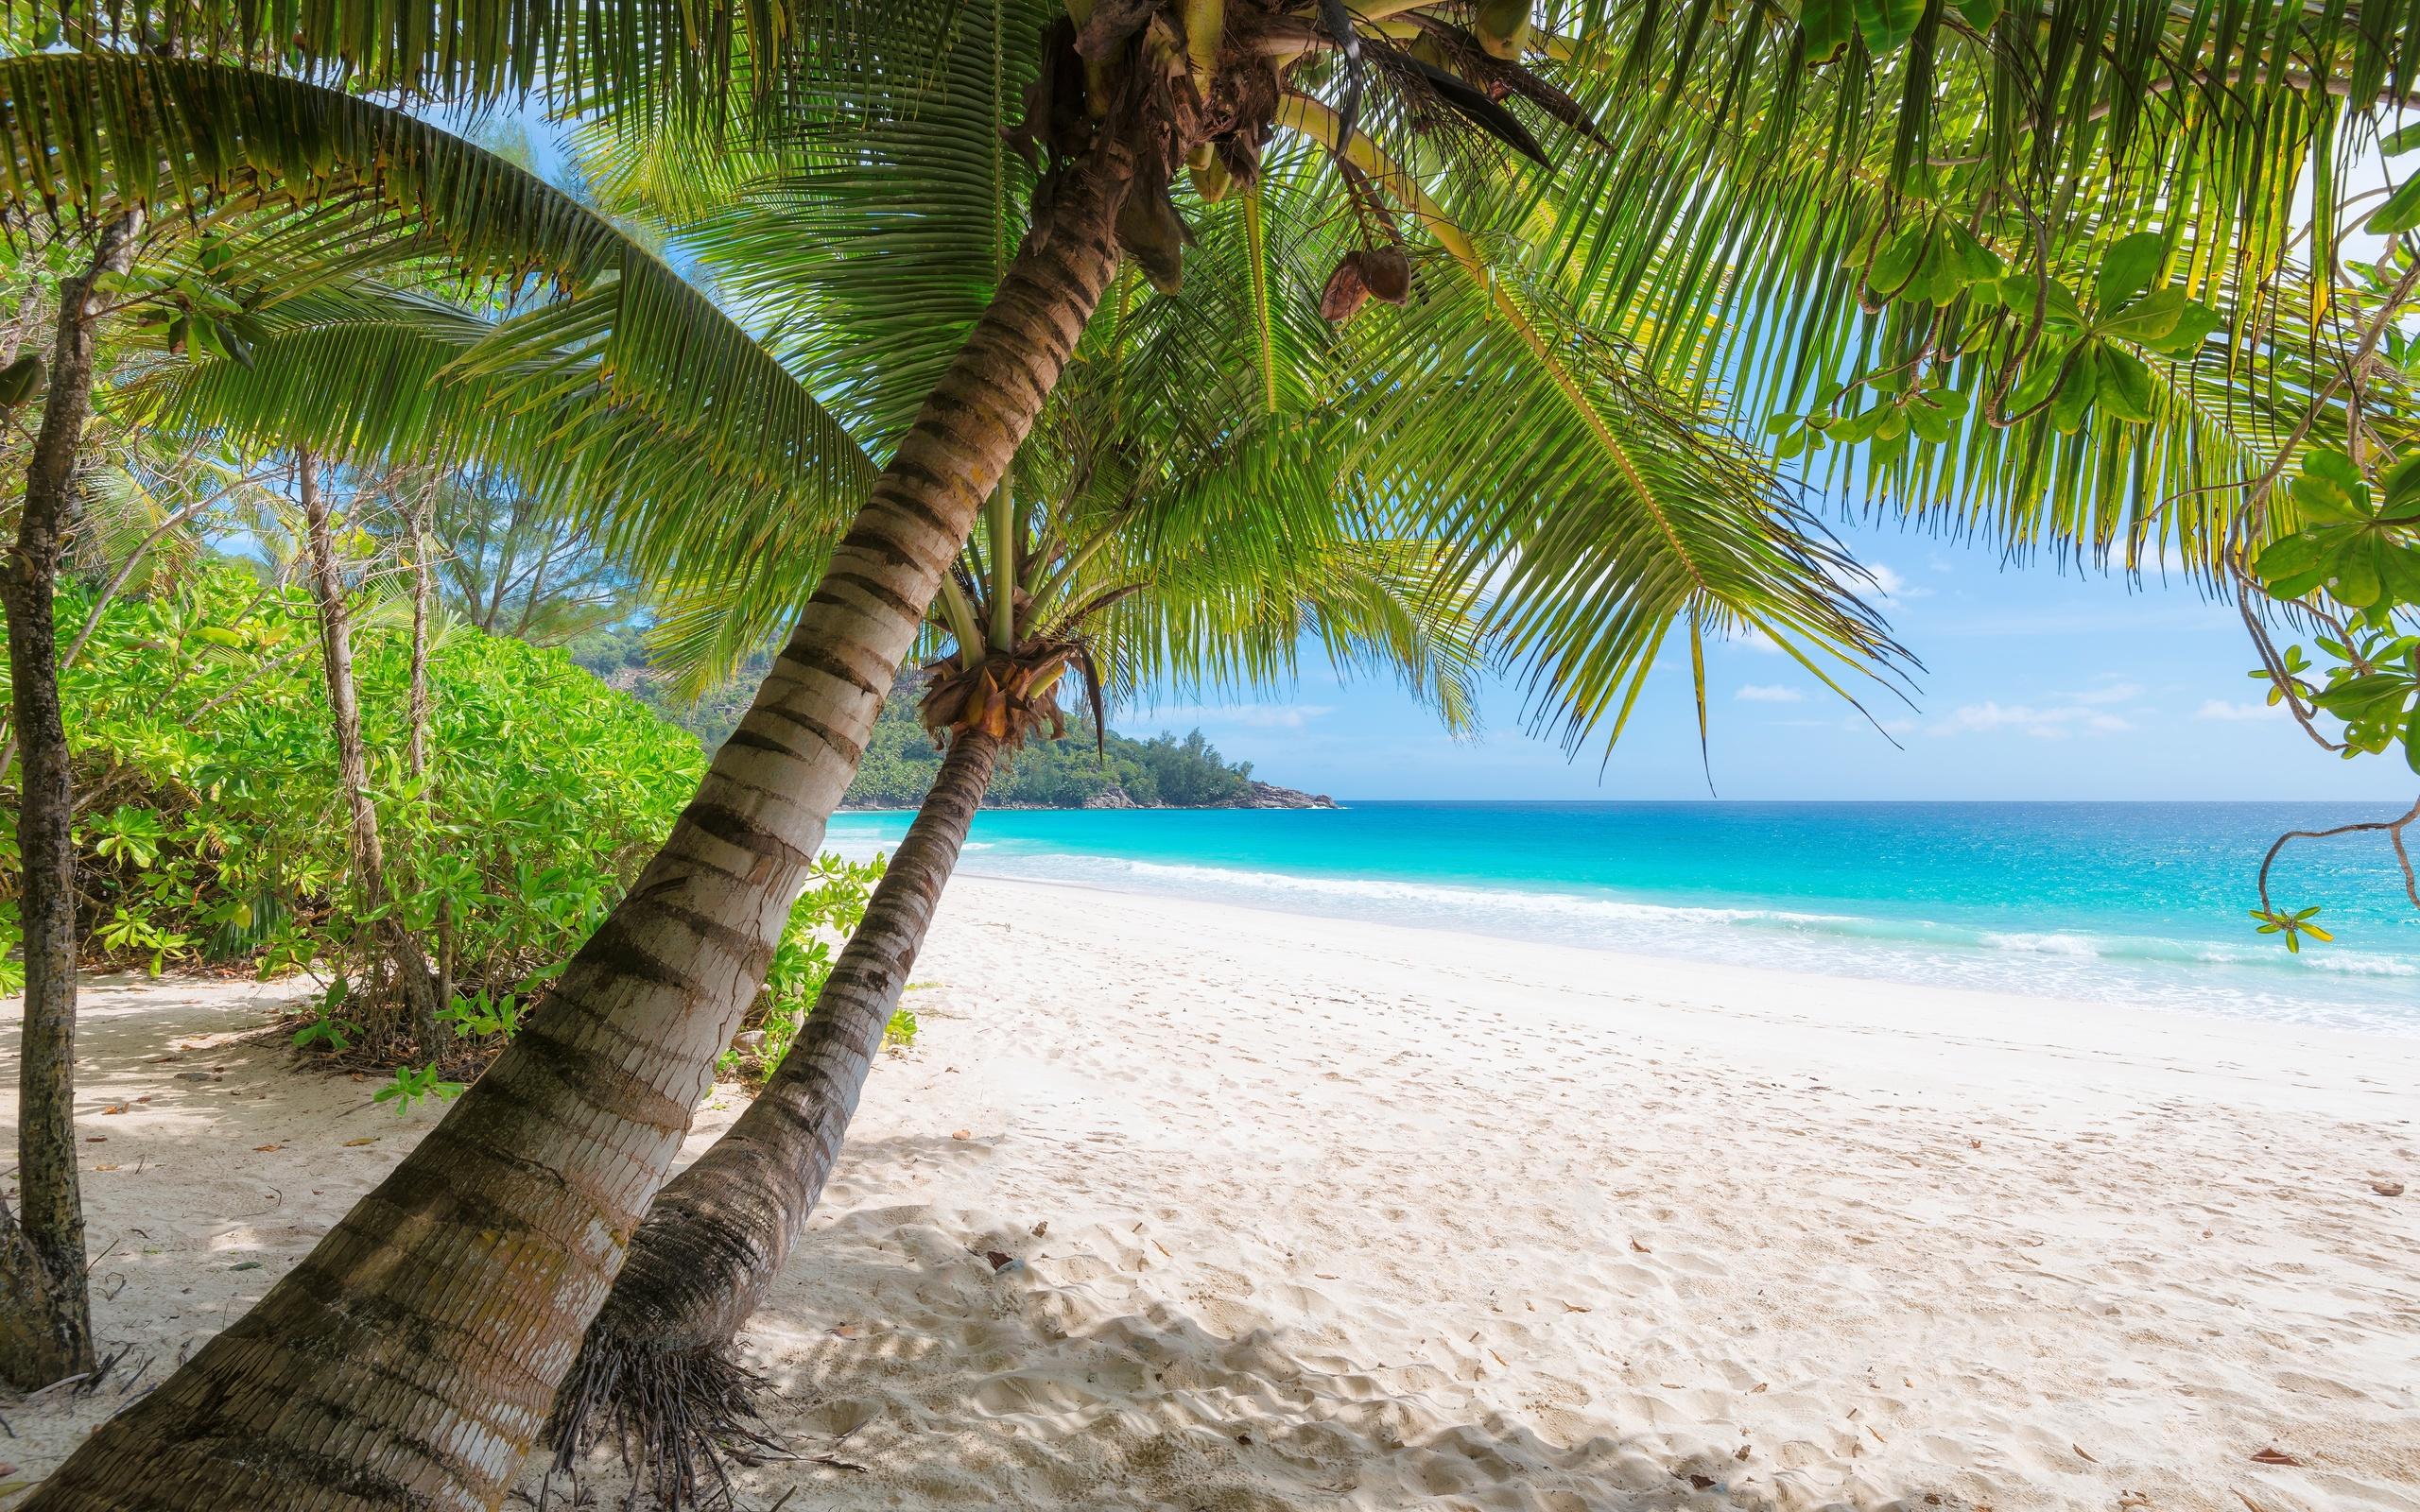 склонить пальмы природа картинки статье